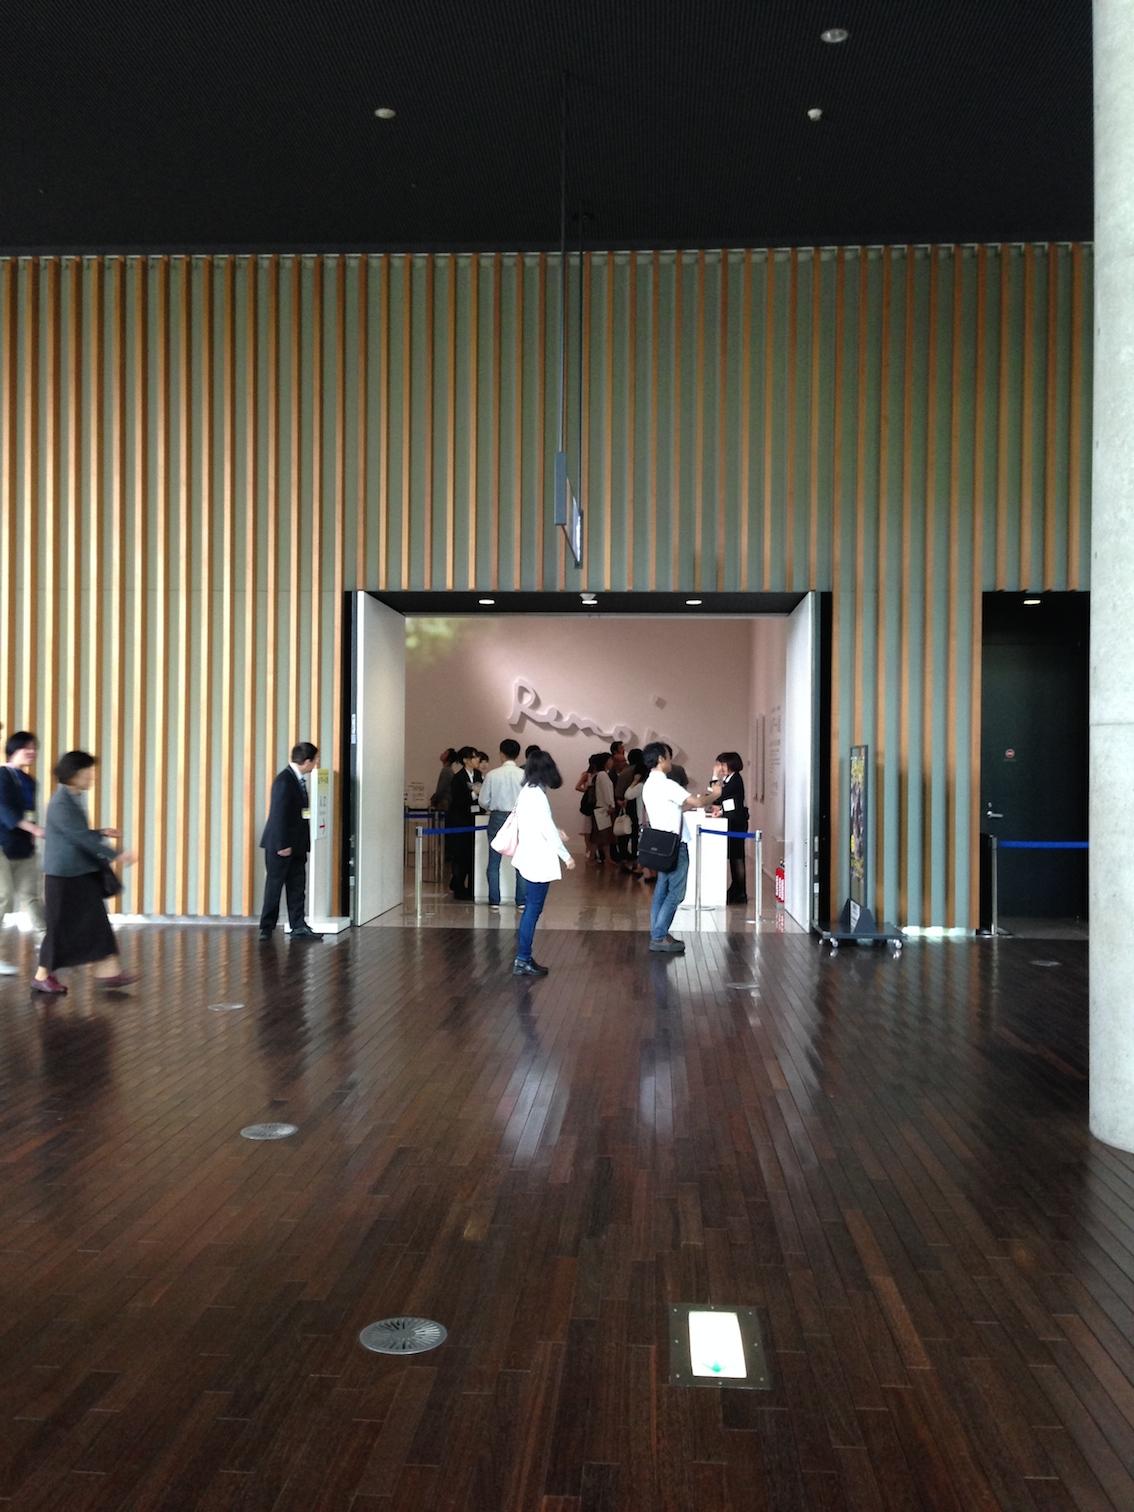 ルノワール展 入り口 国立新美術館